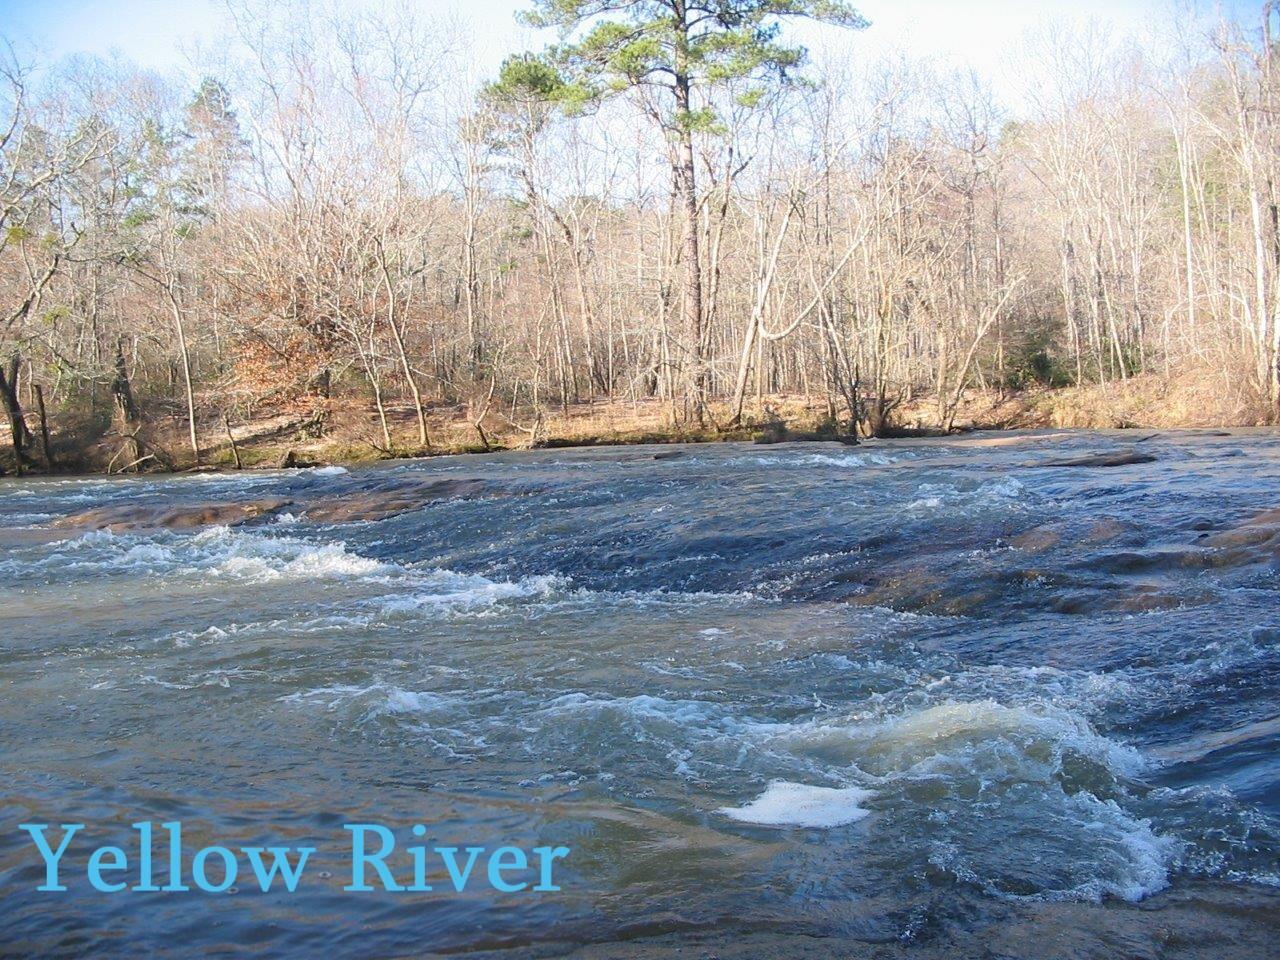 yellow river scene